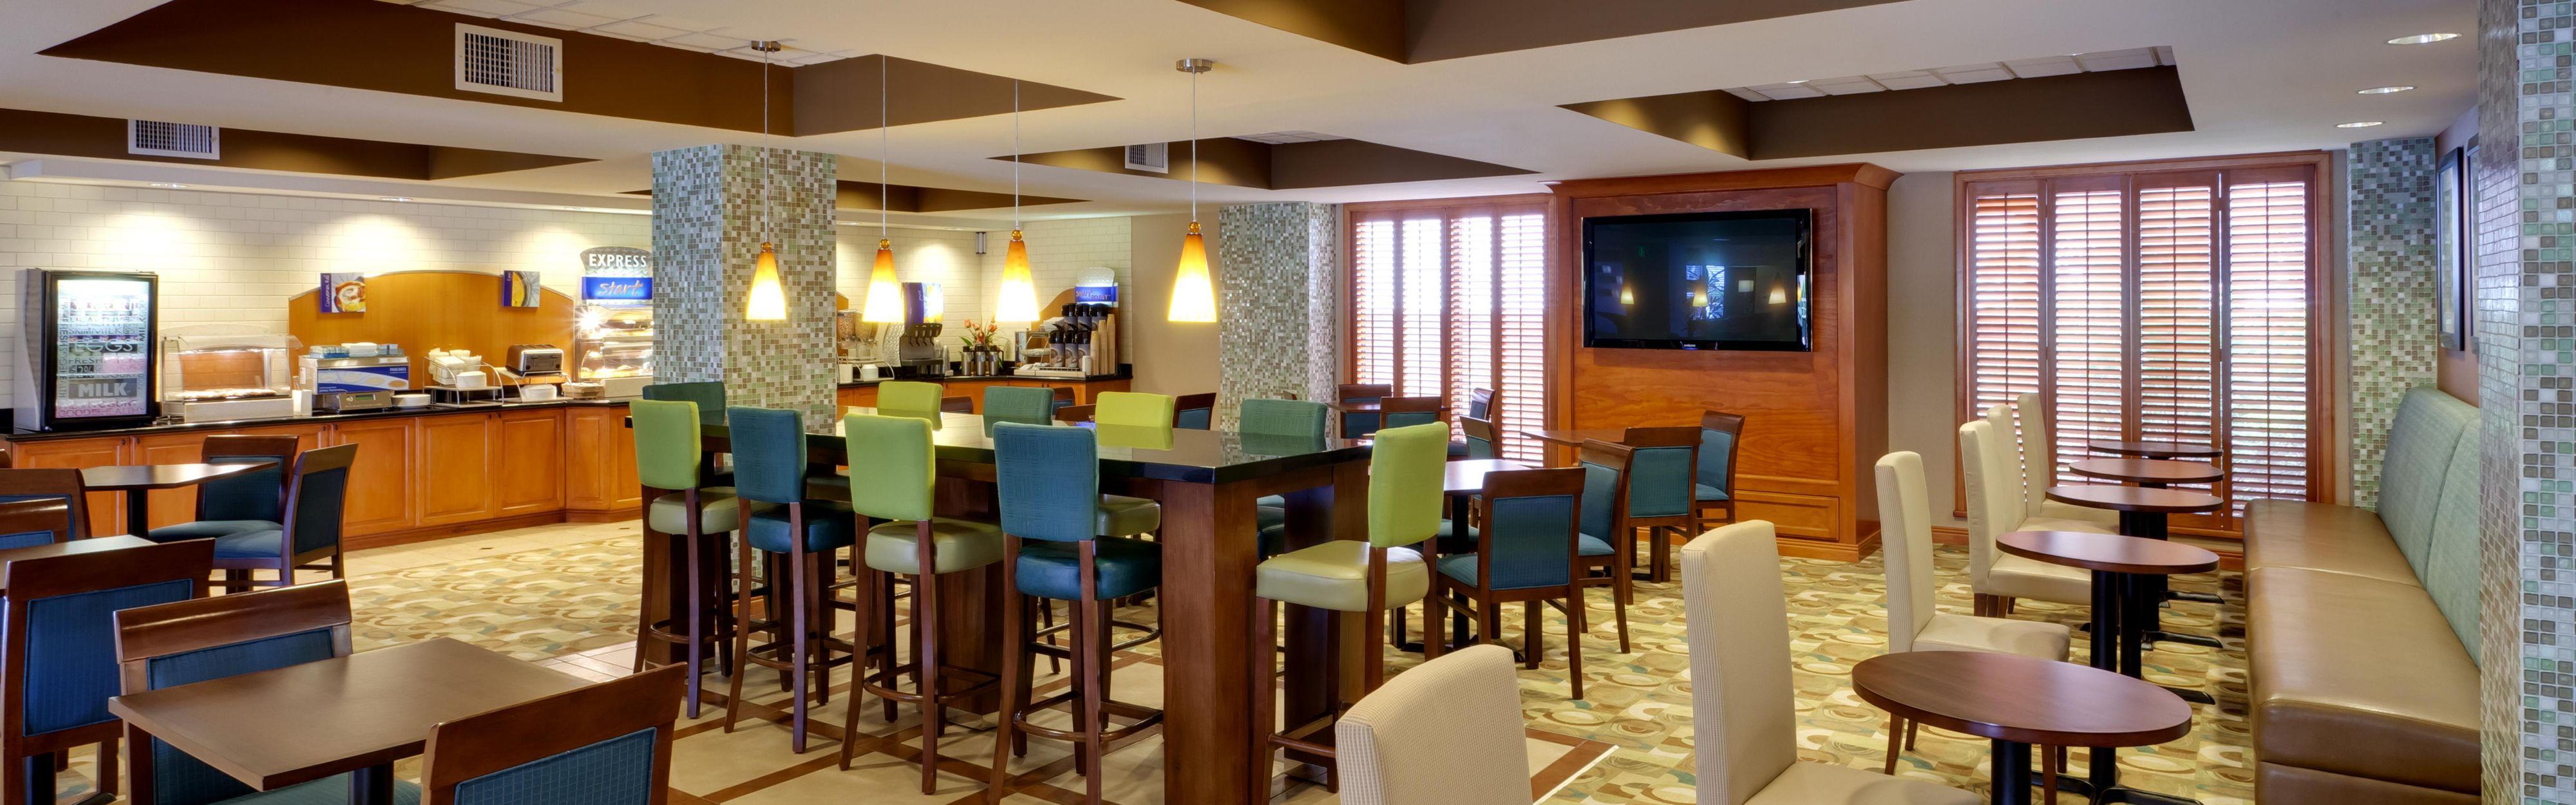 Holiday Inn Express San Francisco-Airport North image 3